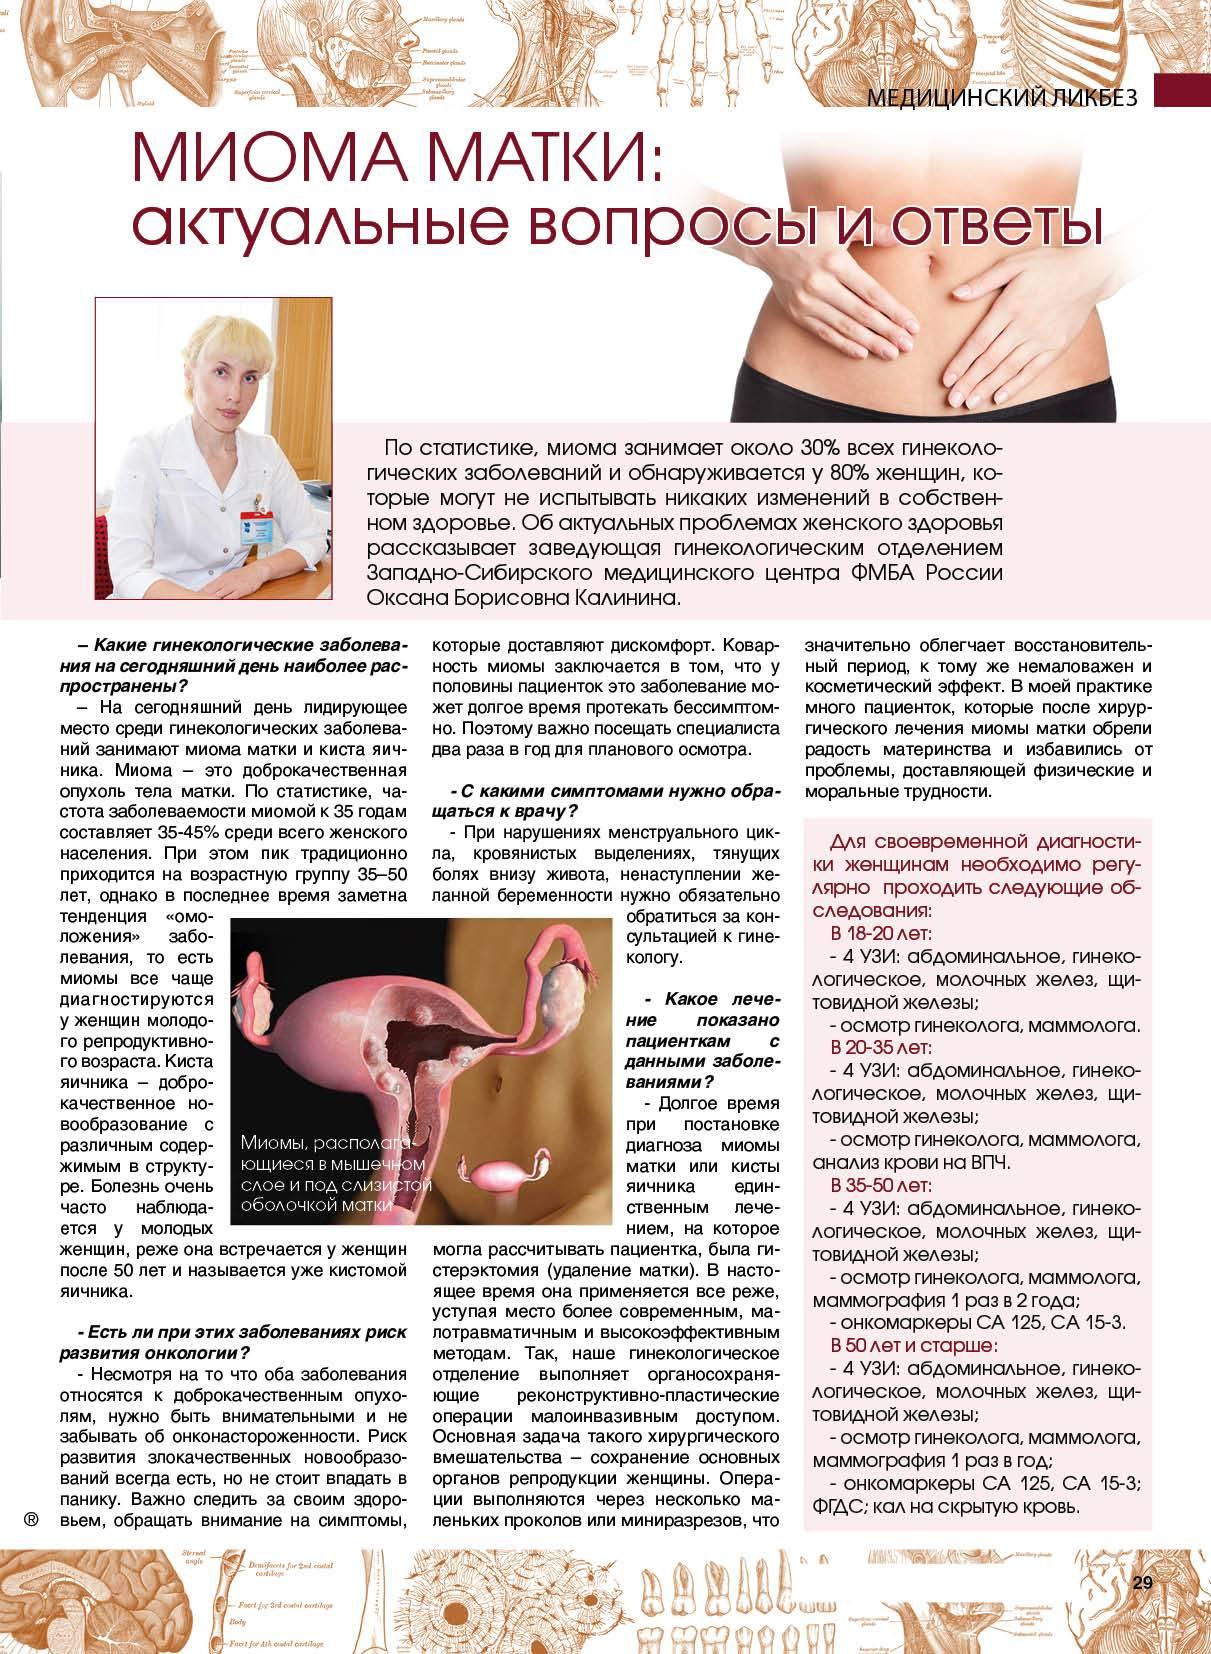 Лечение миомы матки народными средствами, рецепты которые помогли в домашних условиях